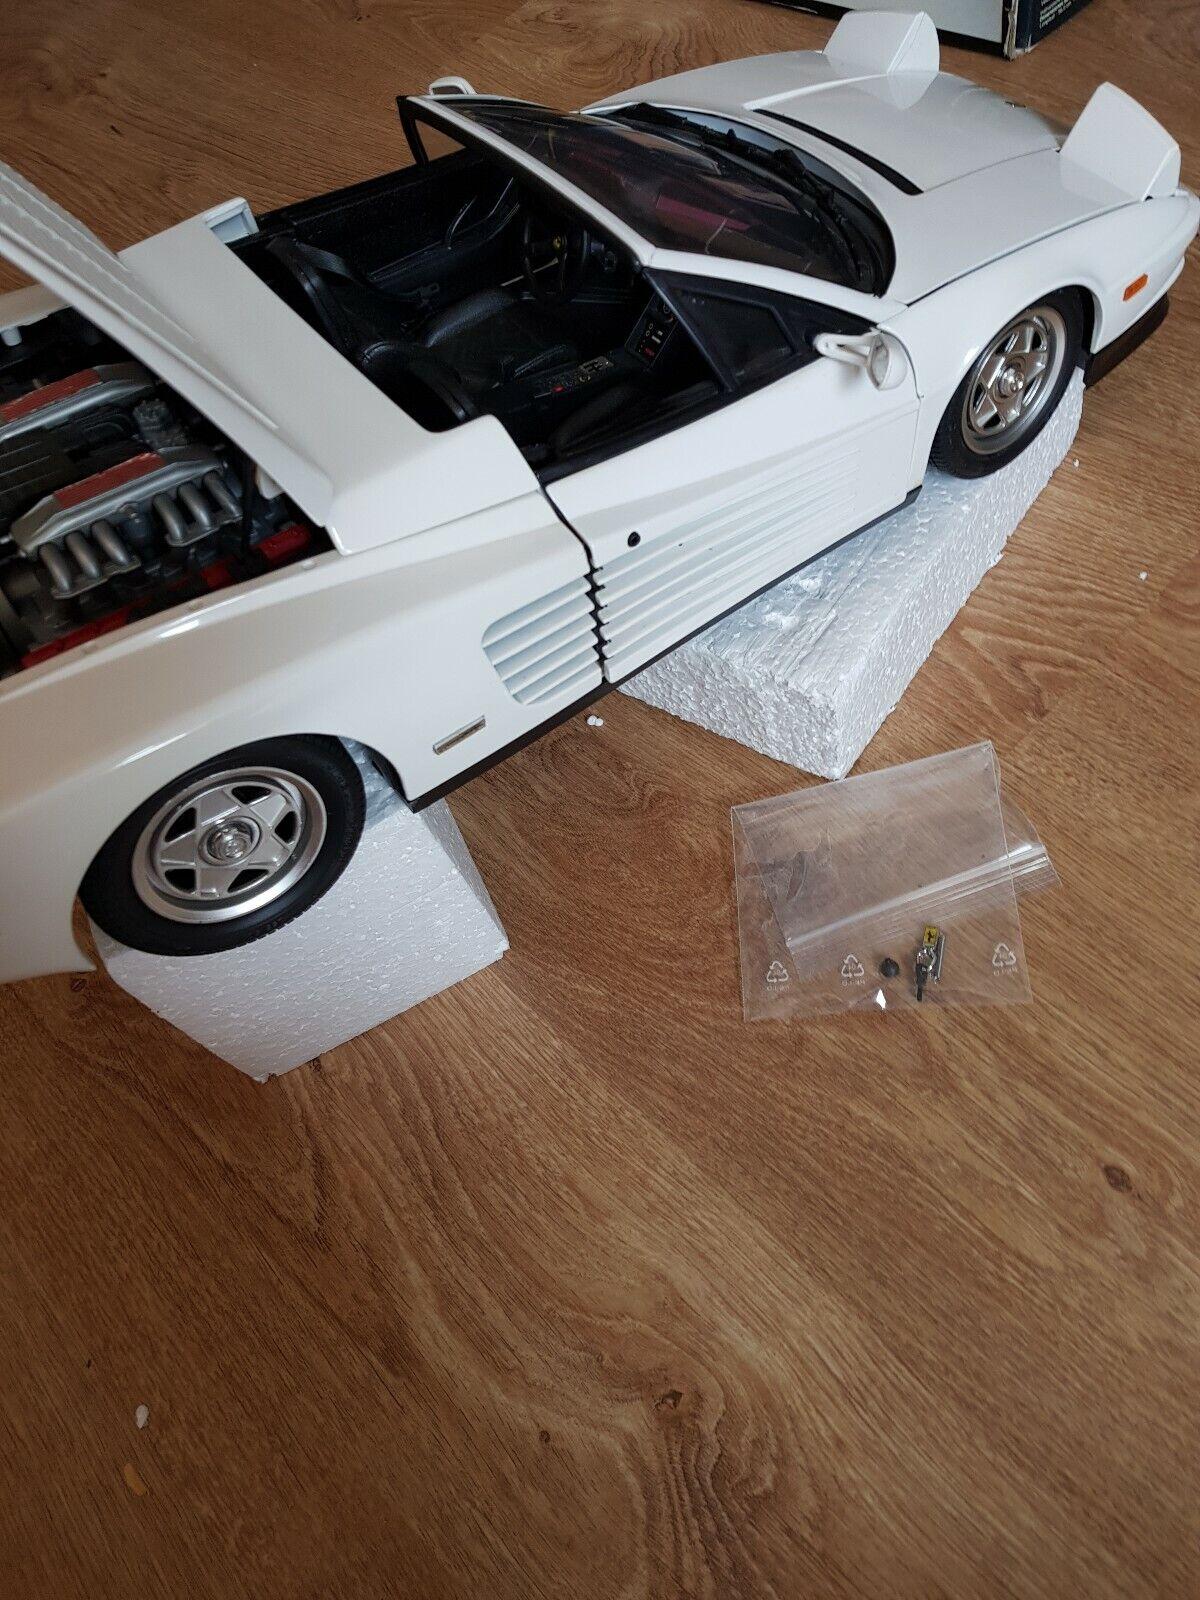 mejor reputación Ferrari TeEstrellaossa Spider blancoo 1 8 modelismo de Pocher Pocher Pocher  venta al por mayor barato